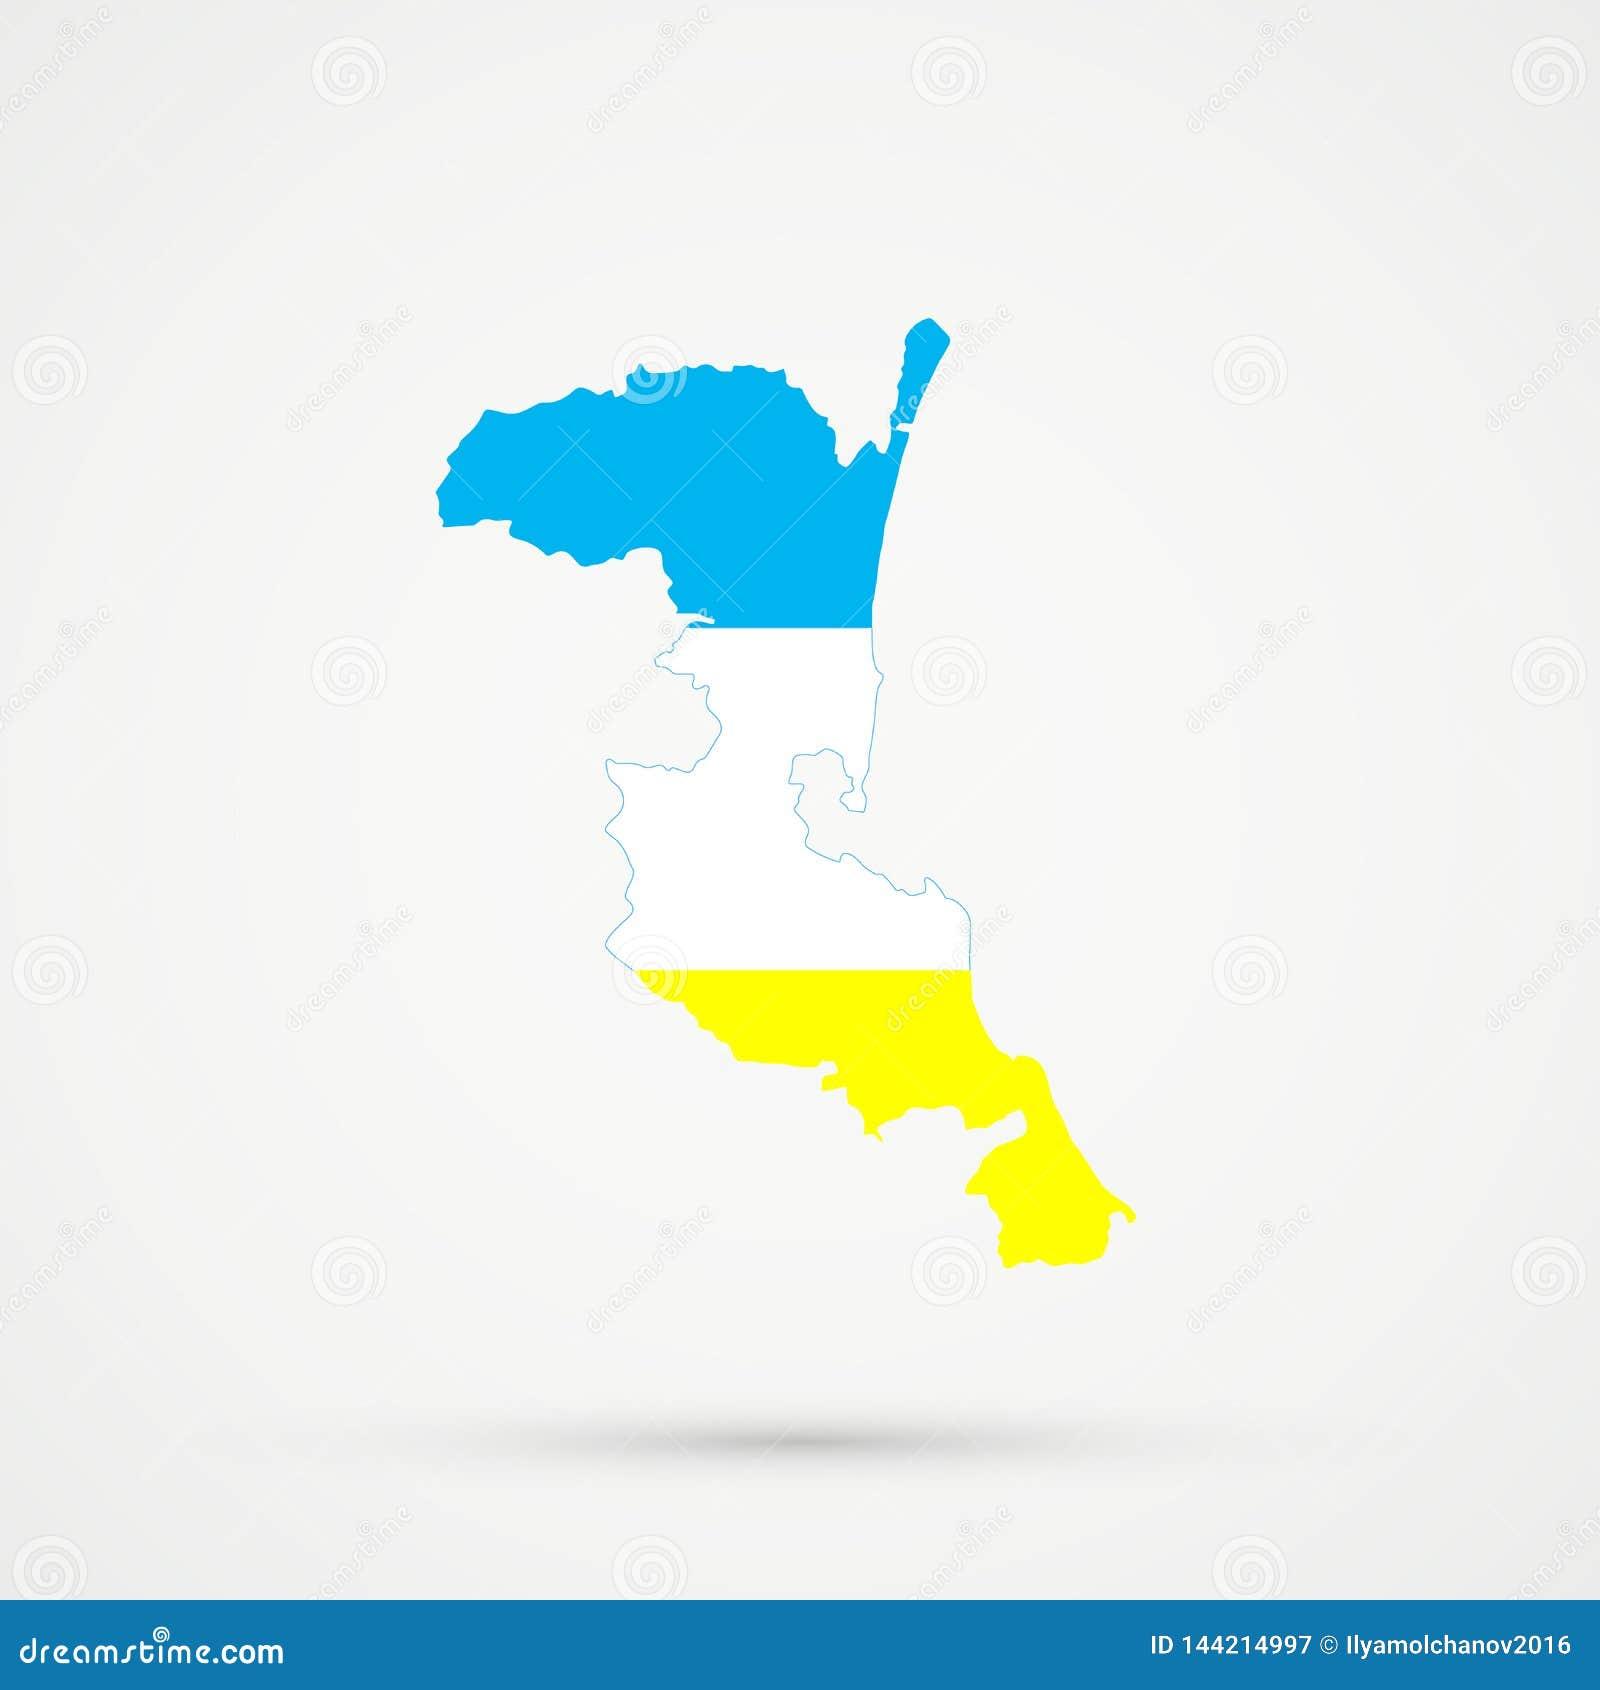 在克里米亚半岛Karaites族群旗子颜色的Kumykia达吉斯坦地图,编辑可能的传染媒介